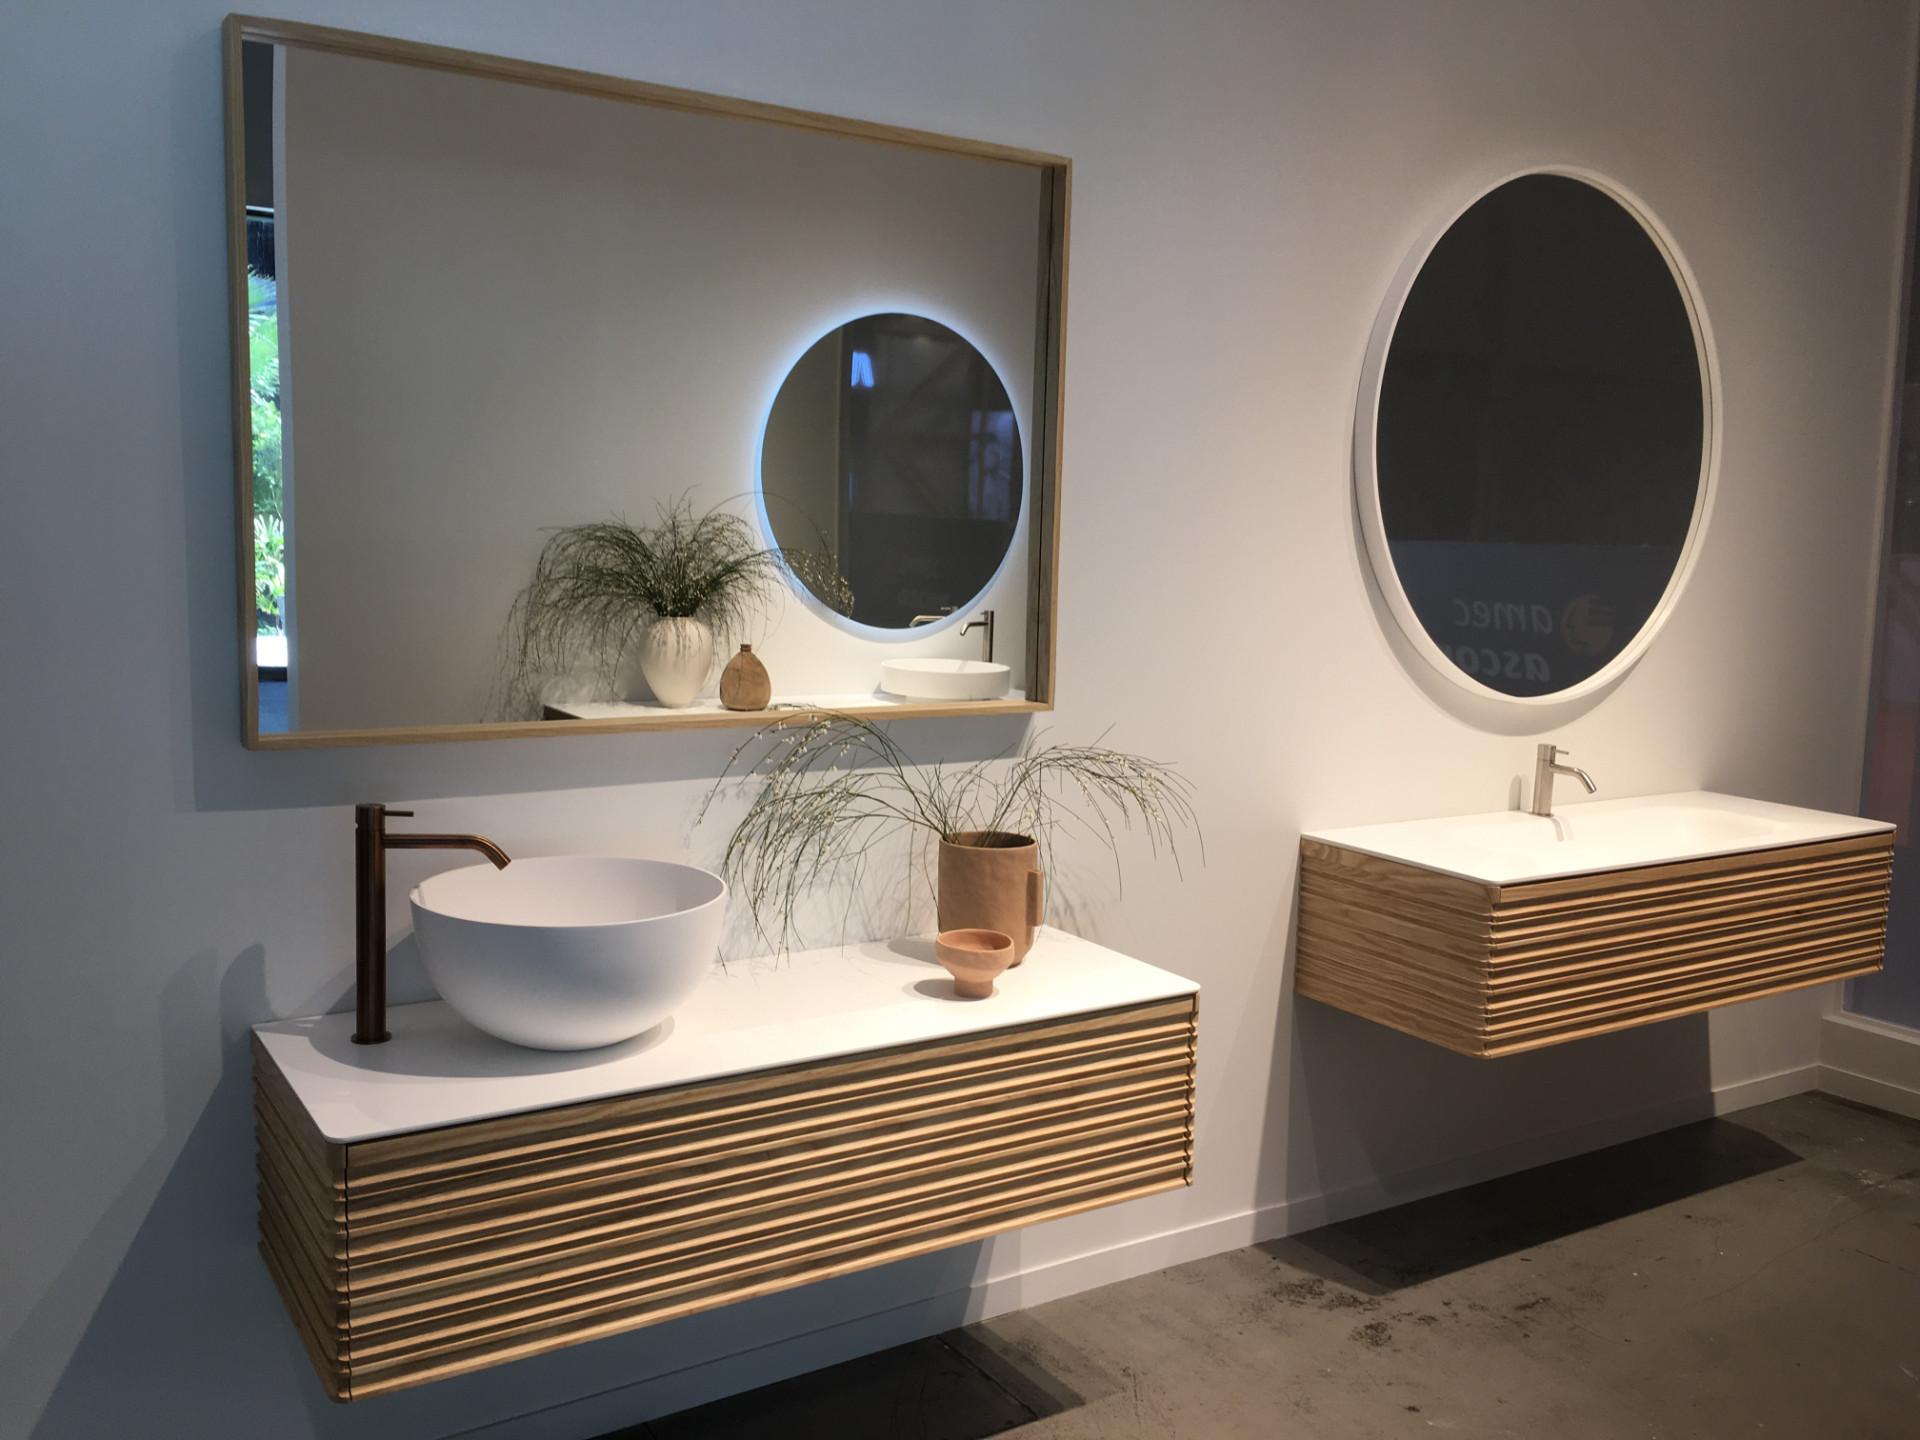 feria-internacional-ceramica-azulejo-bano-cevisama-2020-11